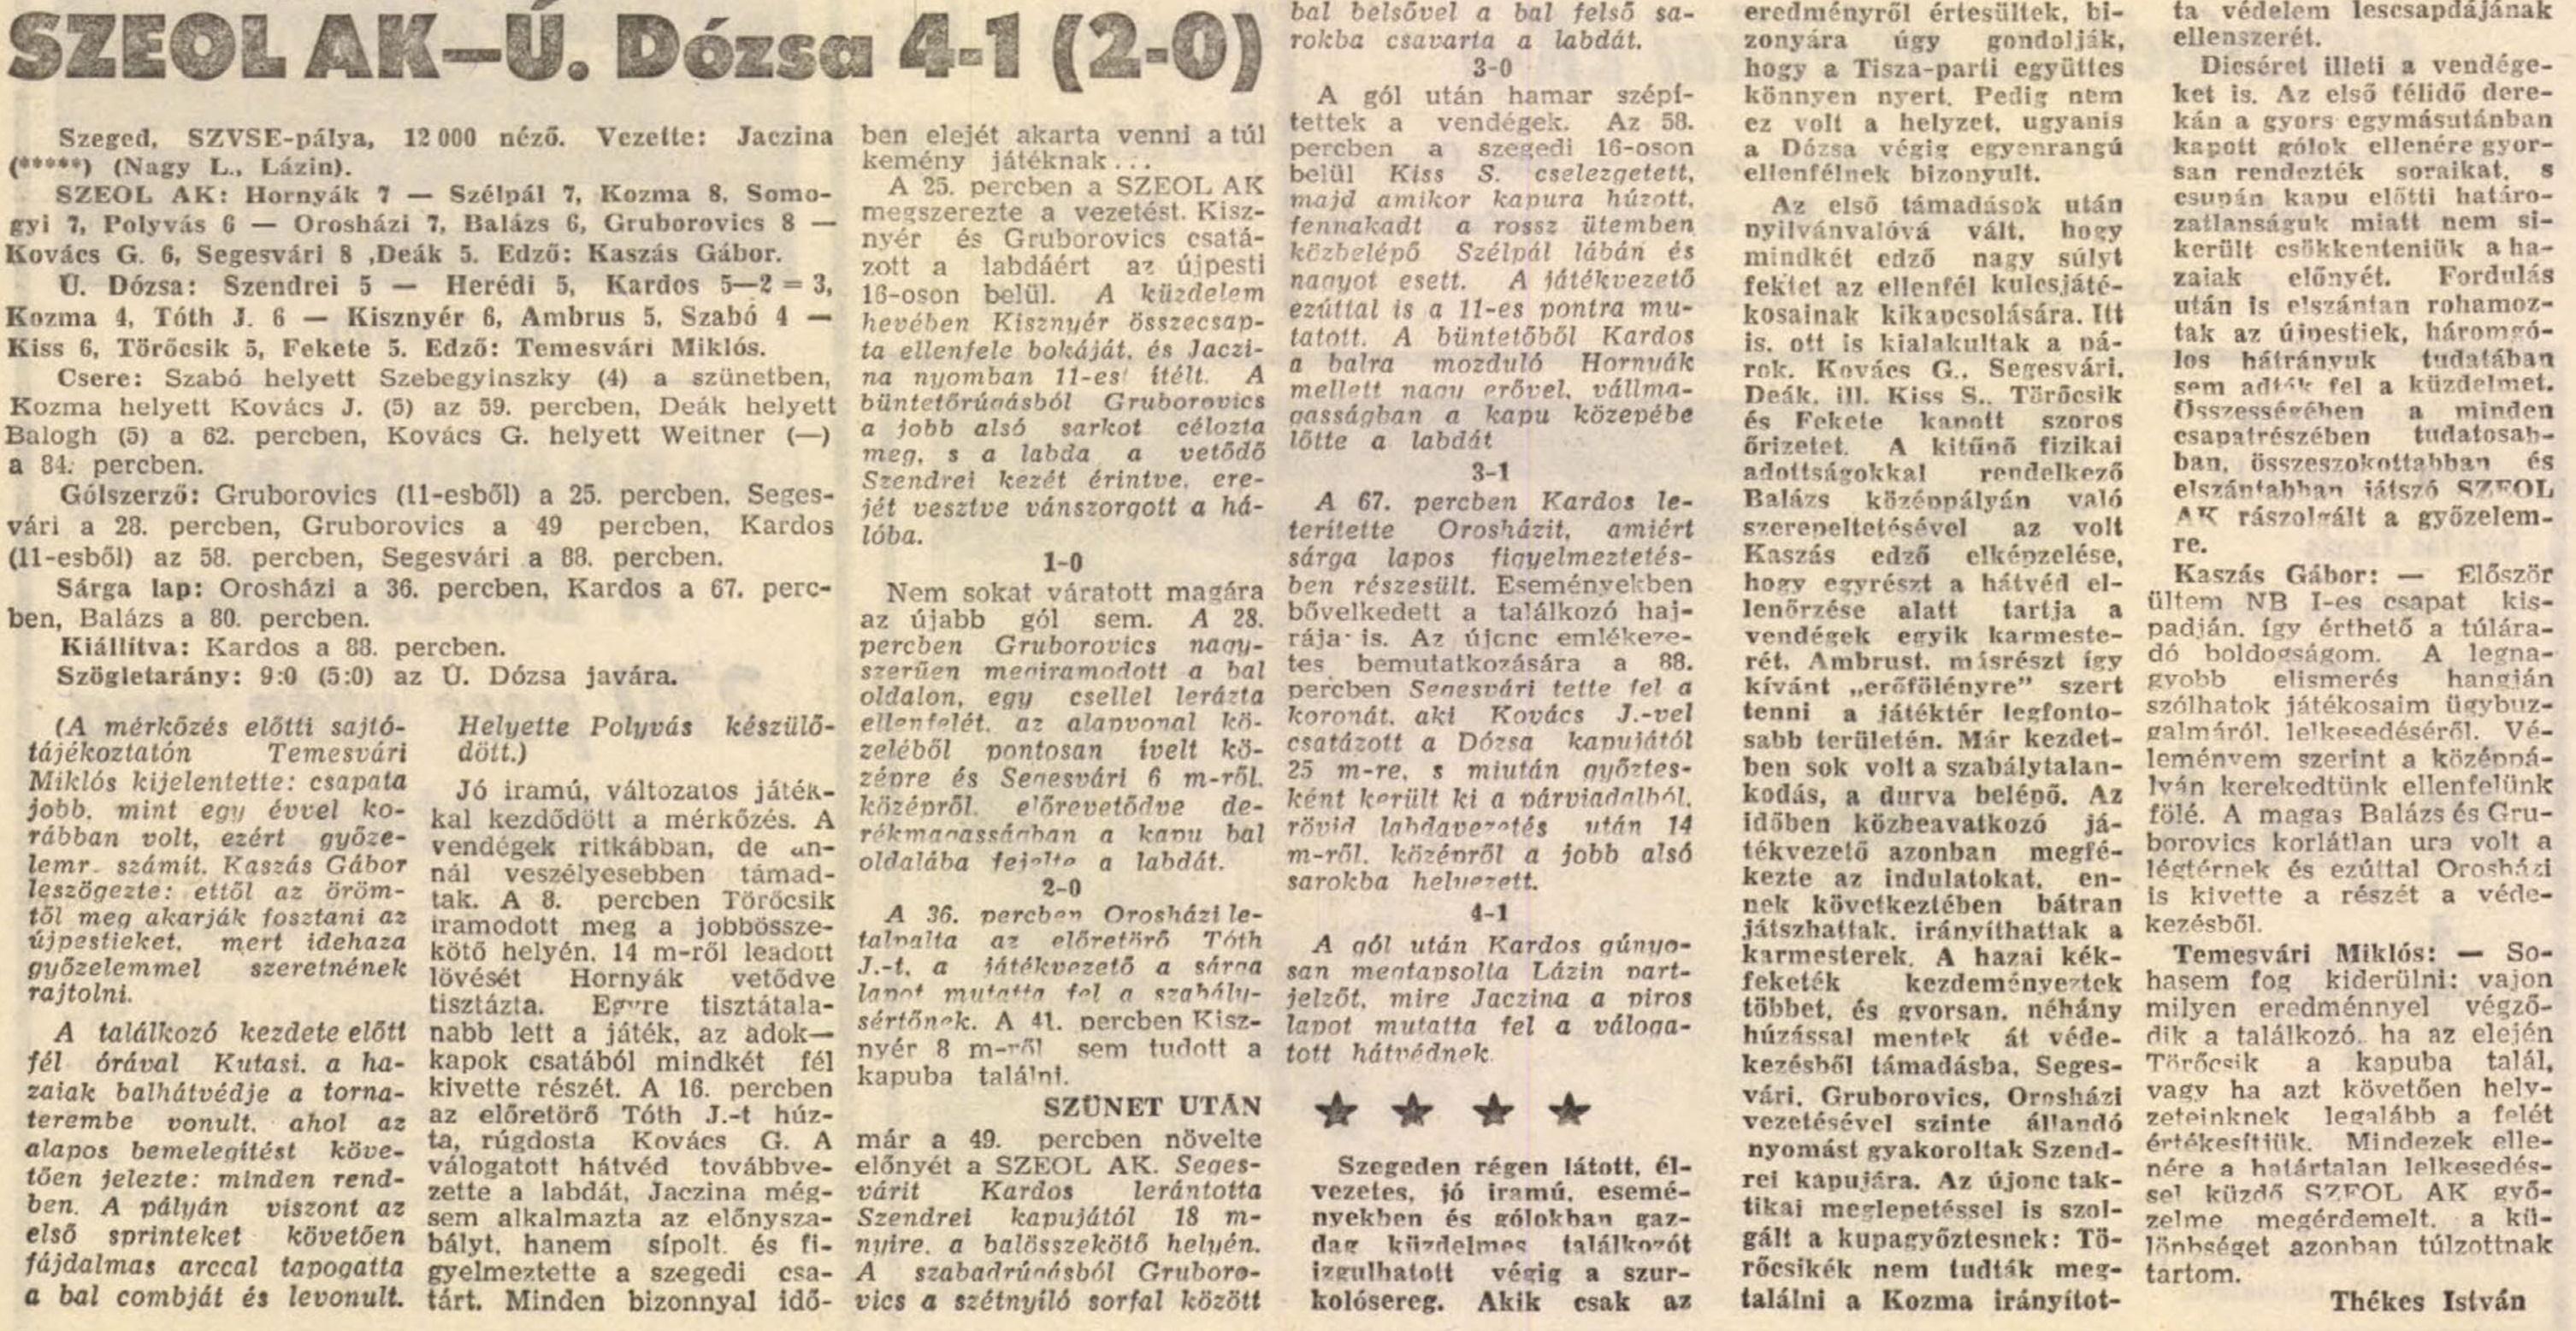 idokapszula_nb_i_1983_84_1_fordulo_szeol_ak_u_dozsa.jpg